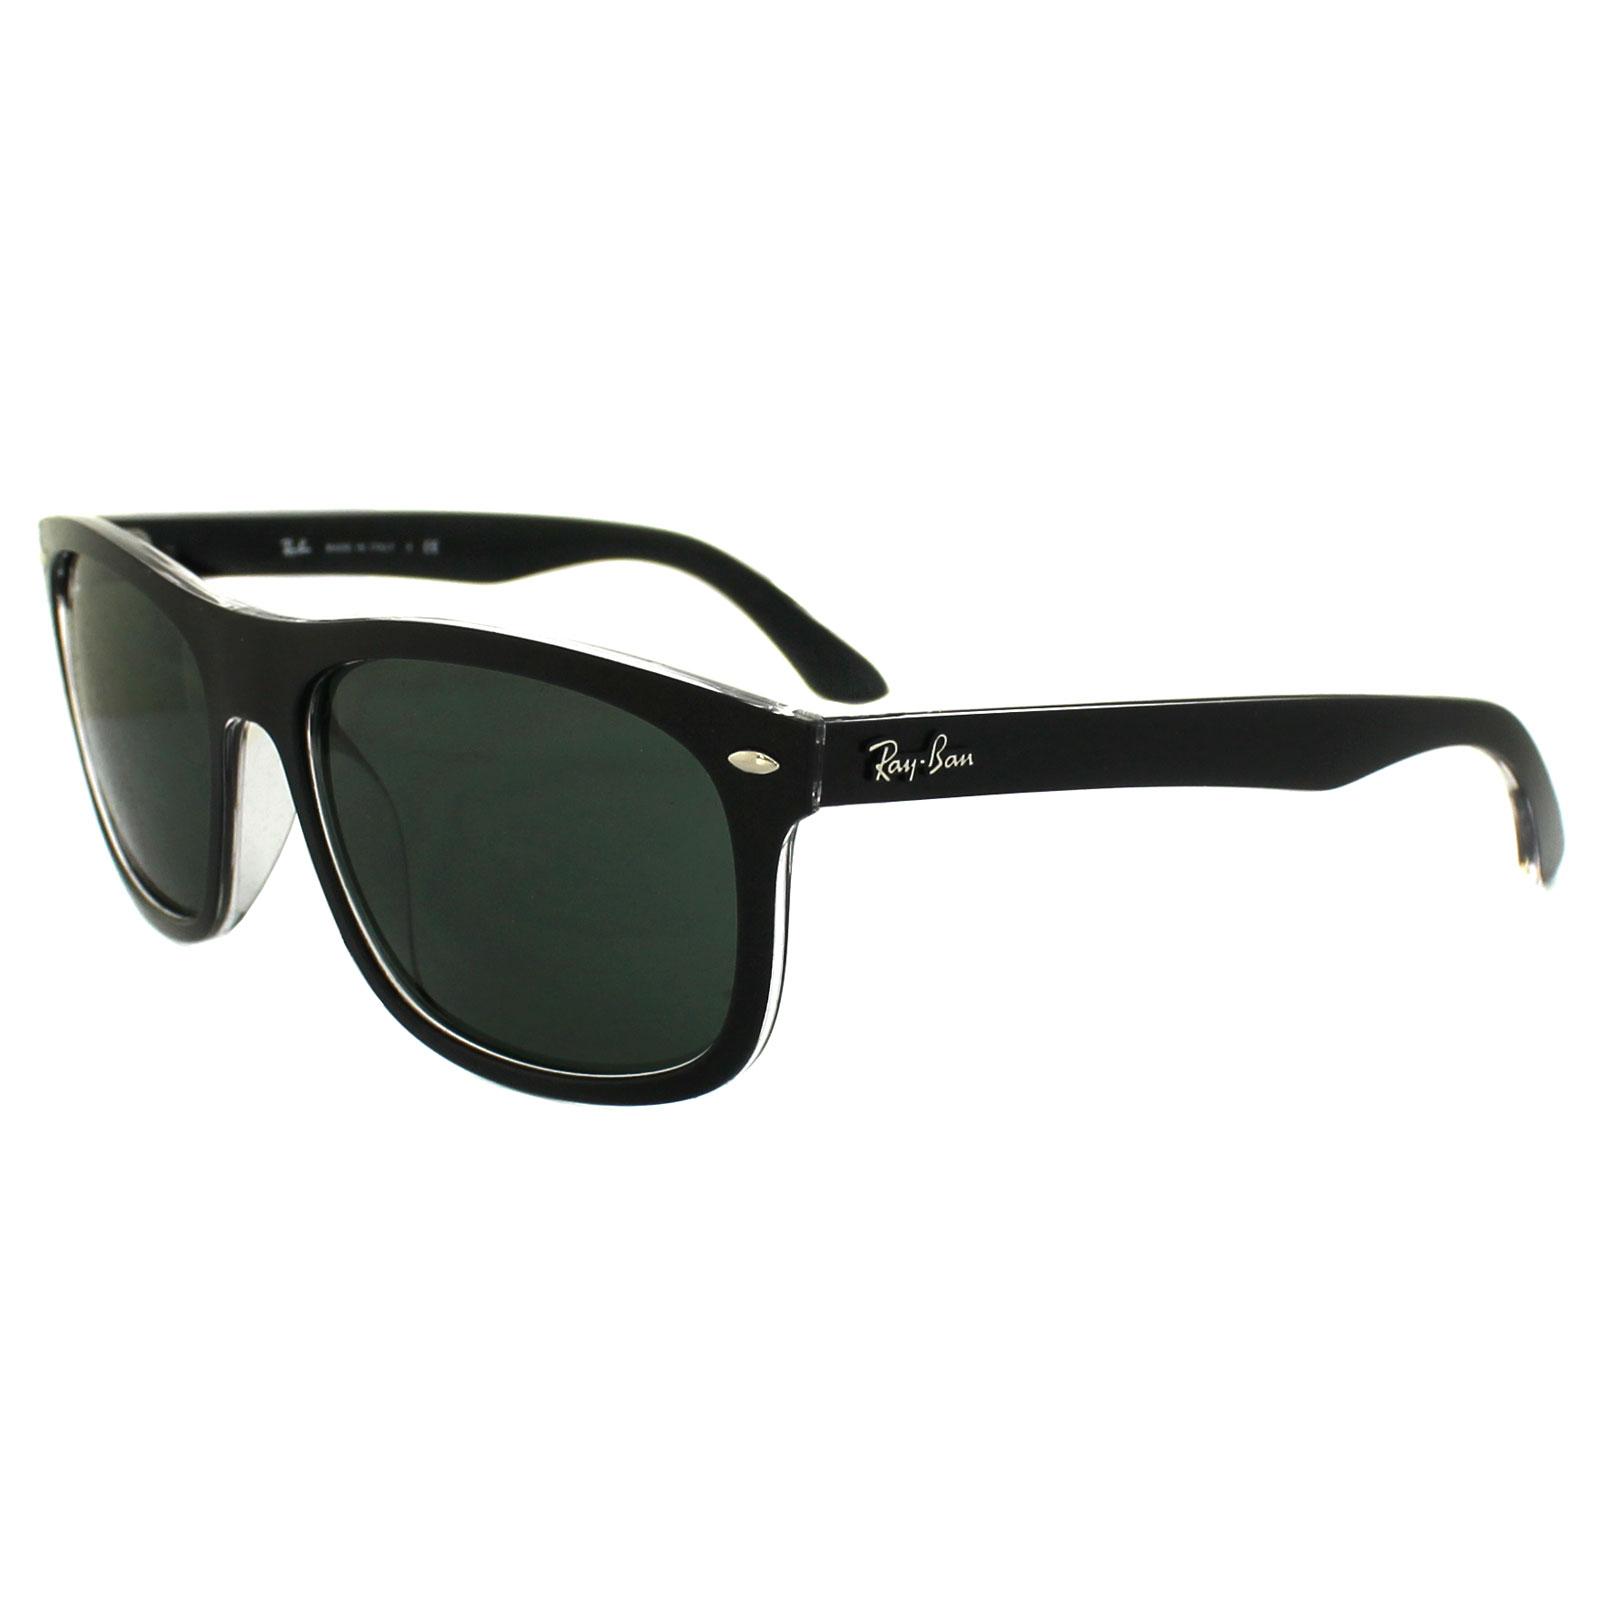 Ebay Ray Ban Sunglasses  ray ban aviators ebay ficts